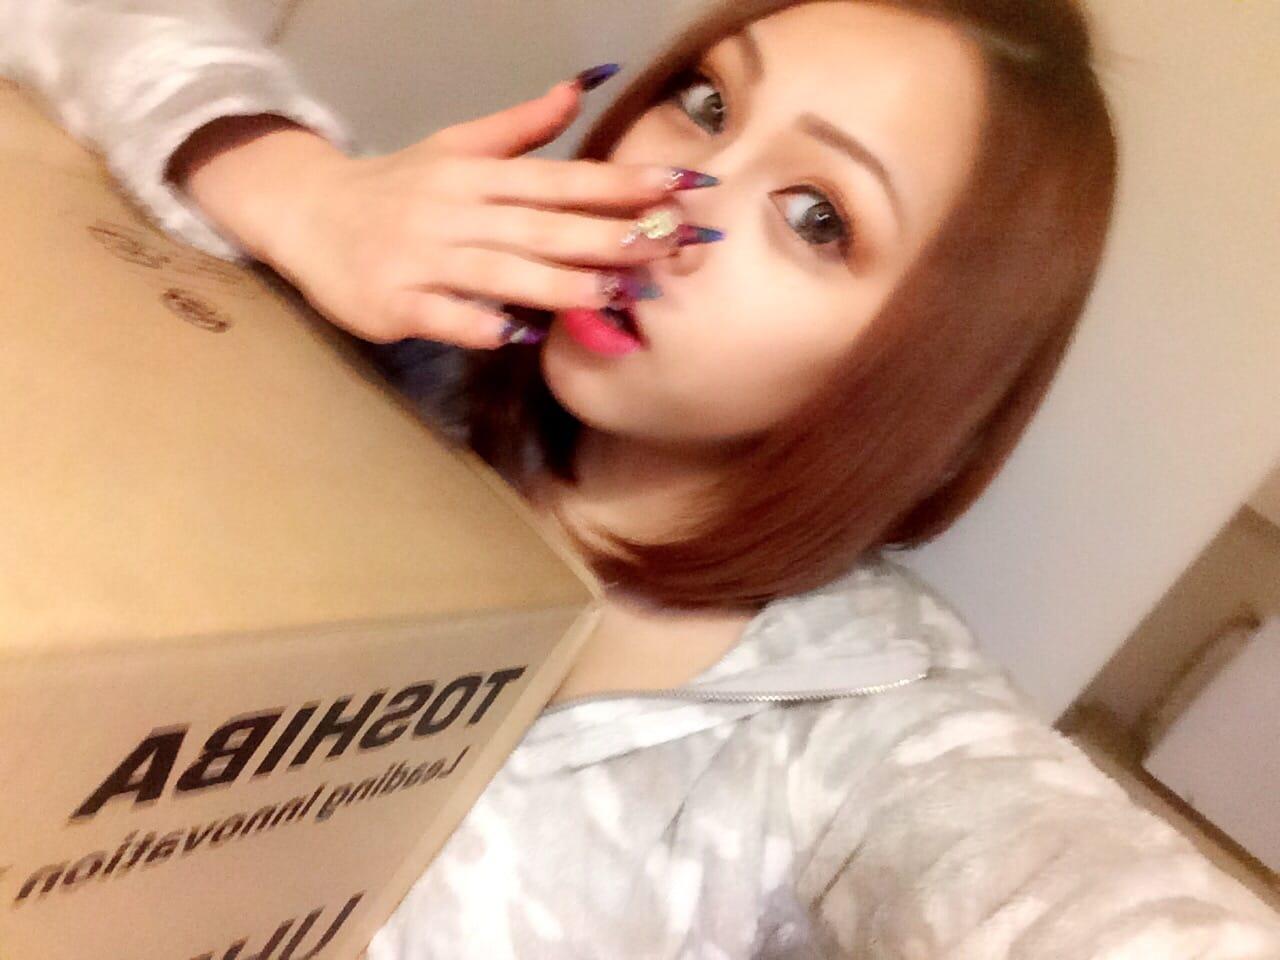 「パン屋さん」04/12(木) 00:54 | あっちゃんの写メ・風俗動画